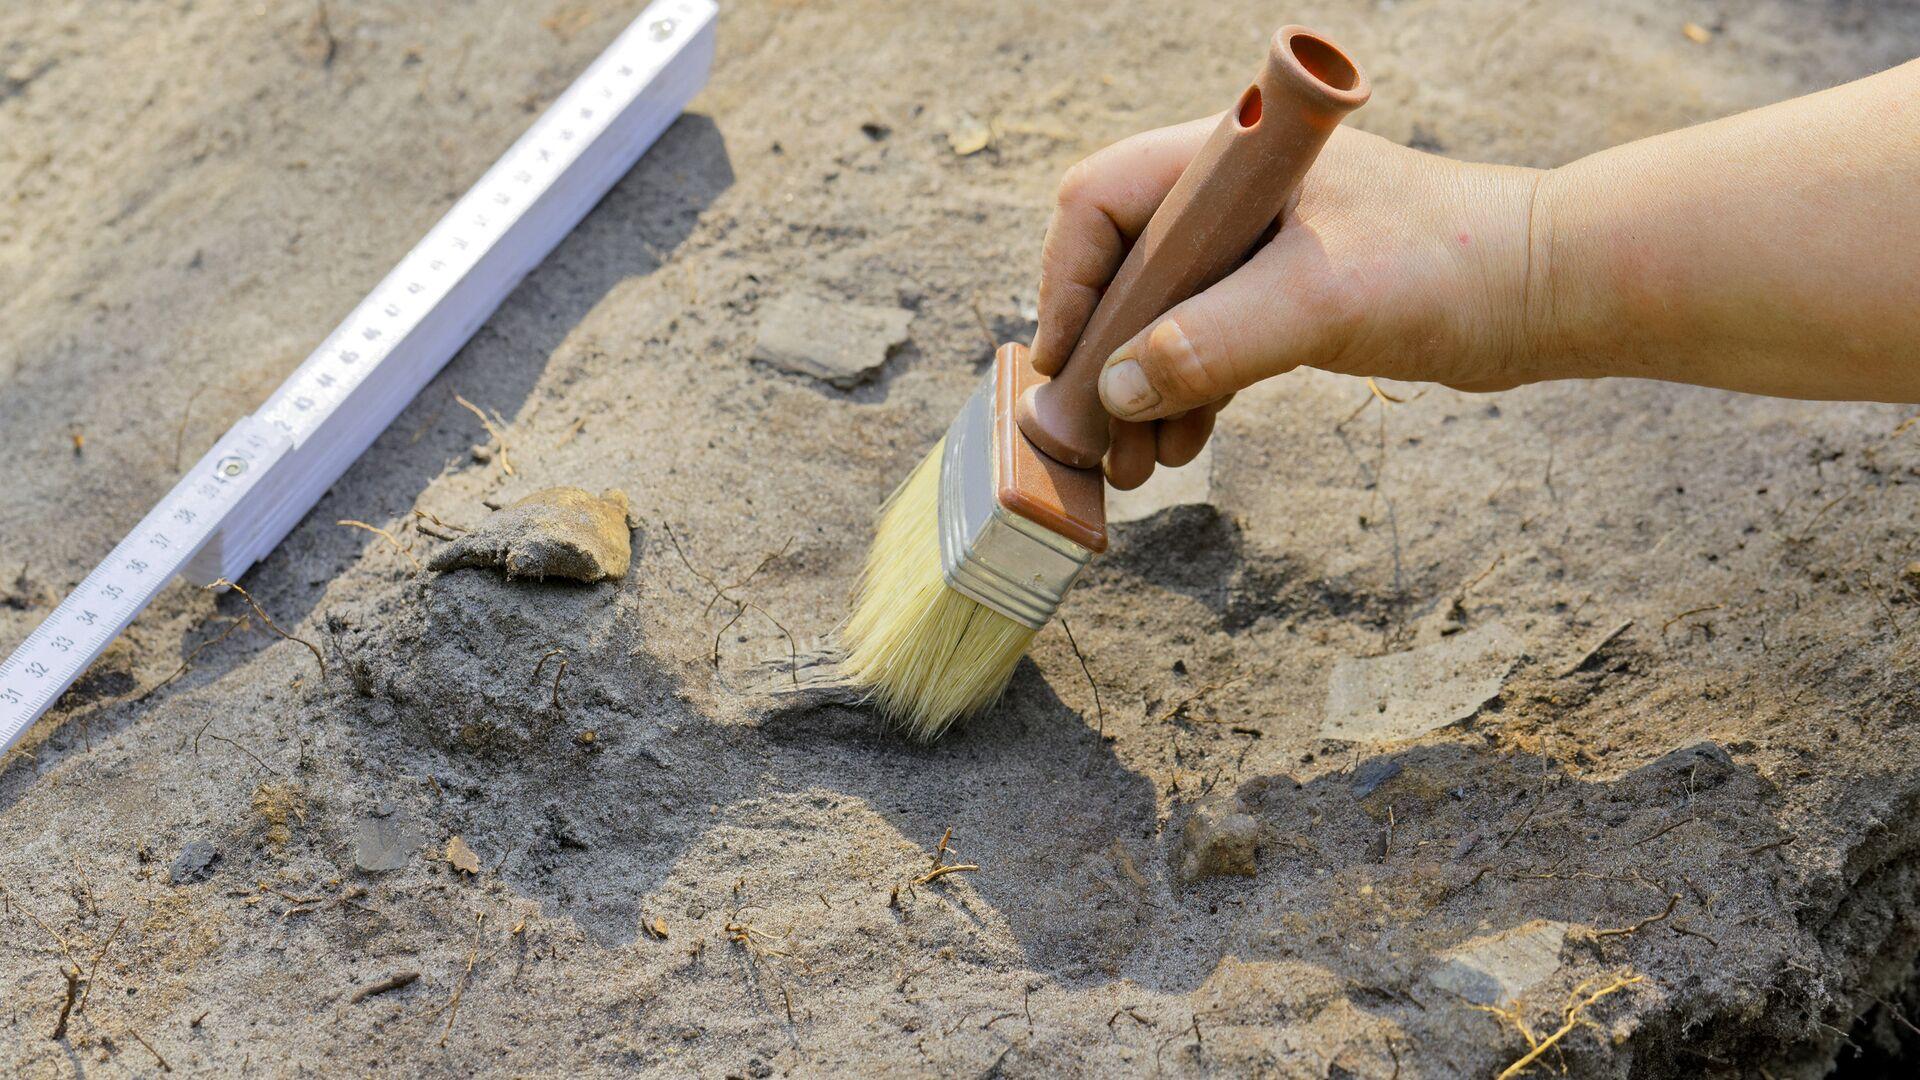 Археологи обнаружили в Хакасии нетронутый могильник скифского времени